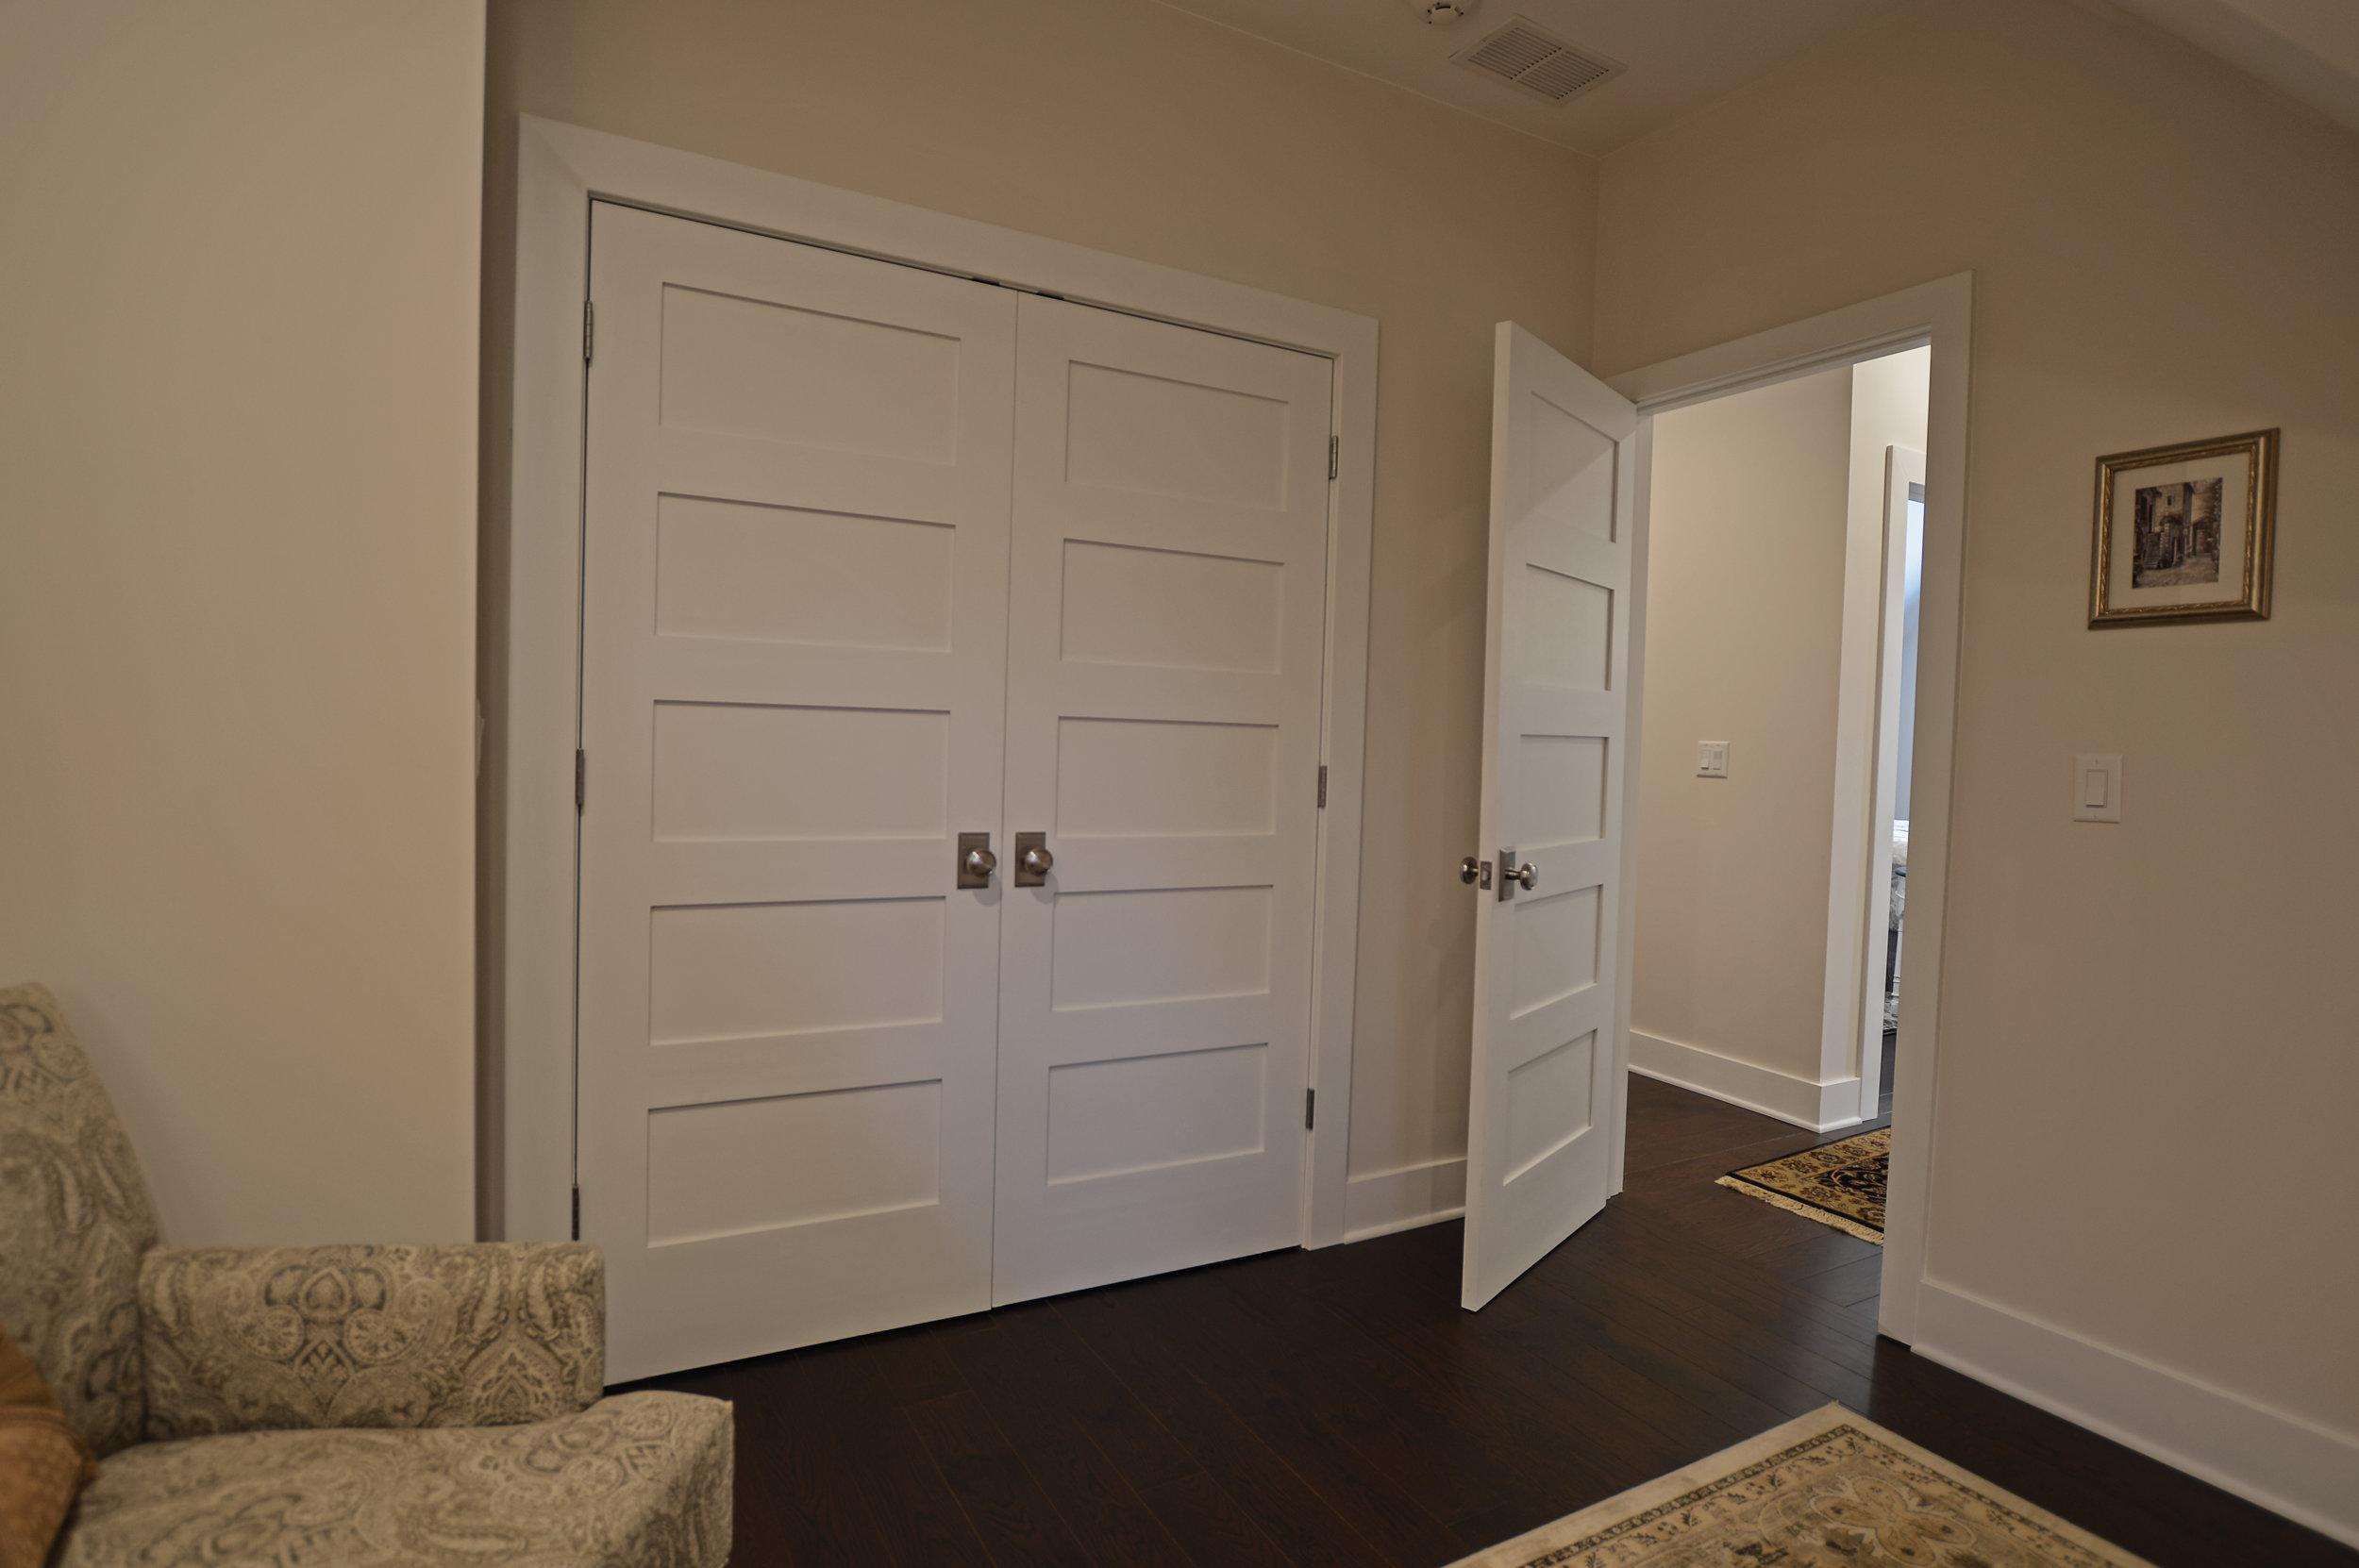 Clay_Marsh_Closet_Doors.jpg